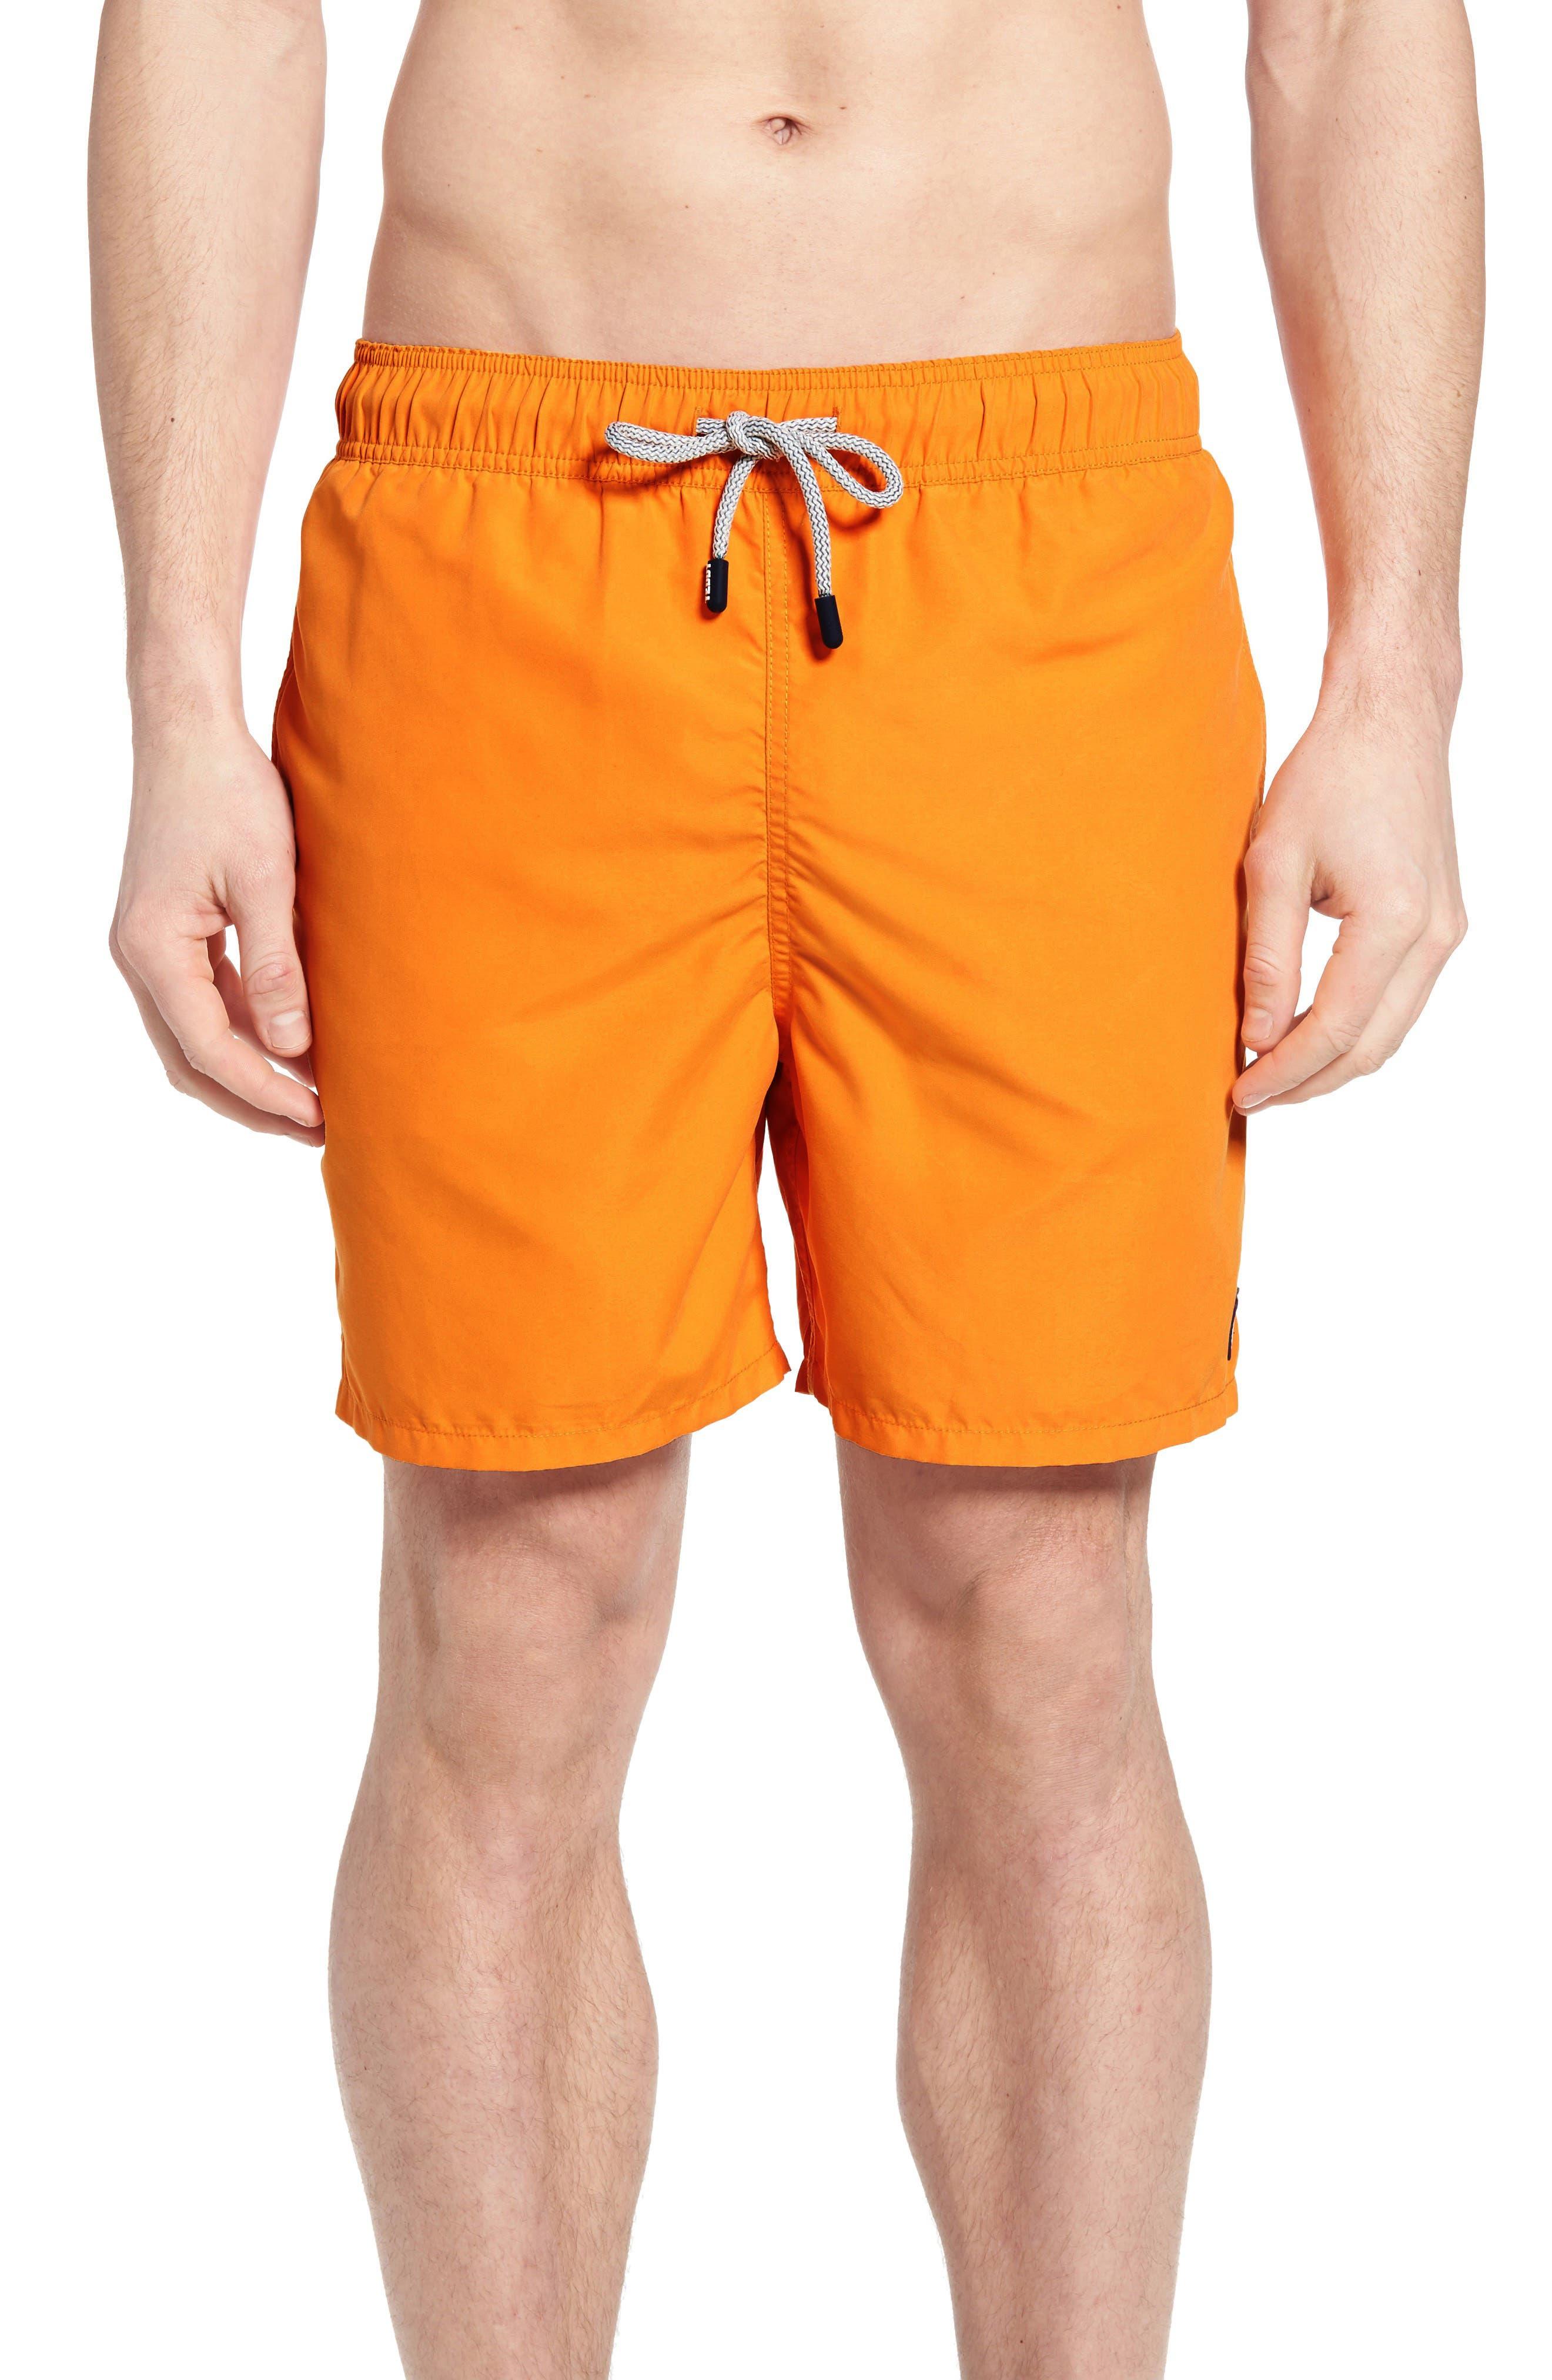 Alternate Image 1 Selected - Tom & Teddy Swim Trunks